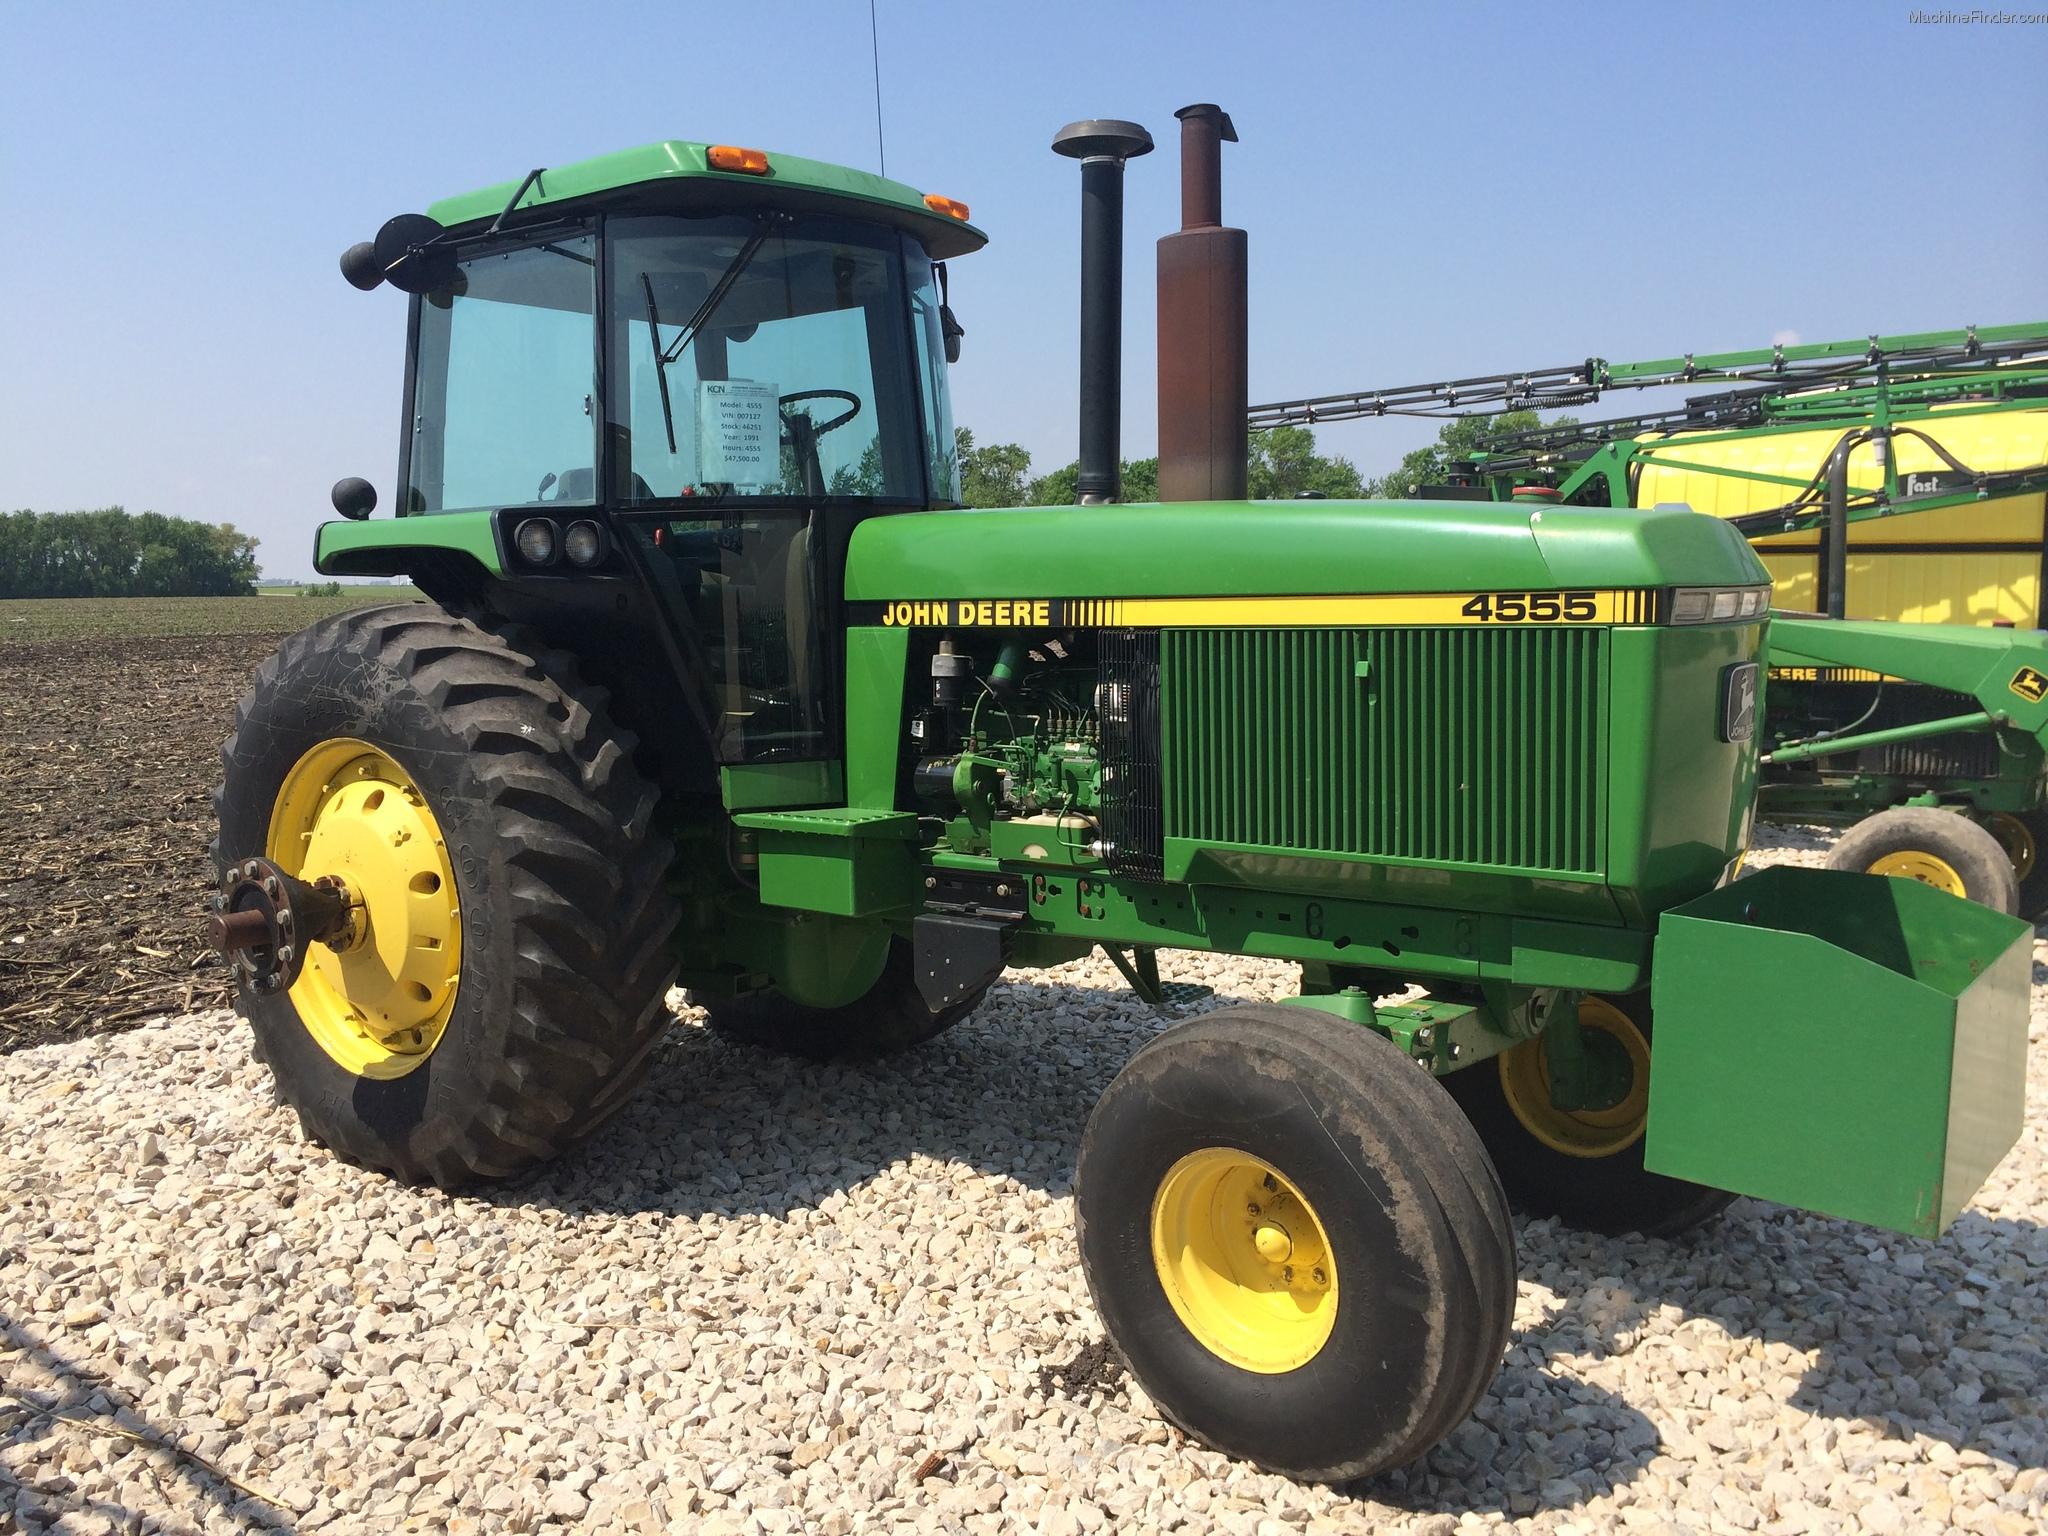 1991 John Deere 4555 Tractors - Row Crop (+100hp) - John ...